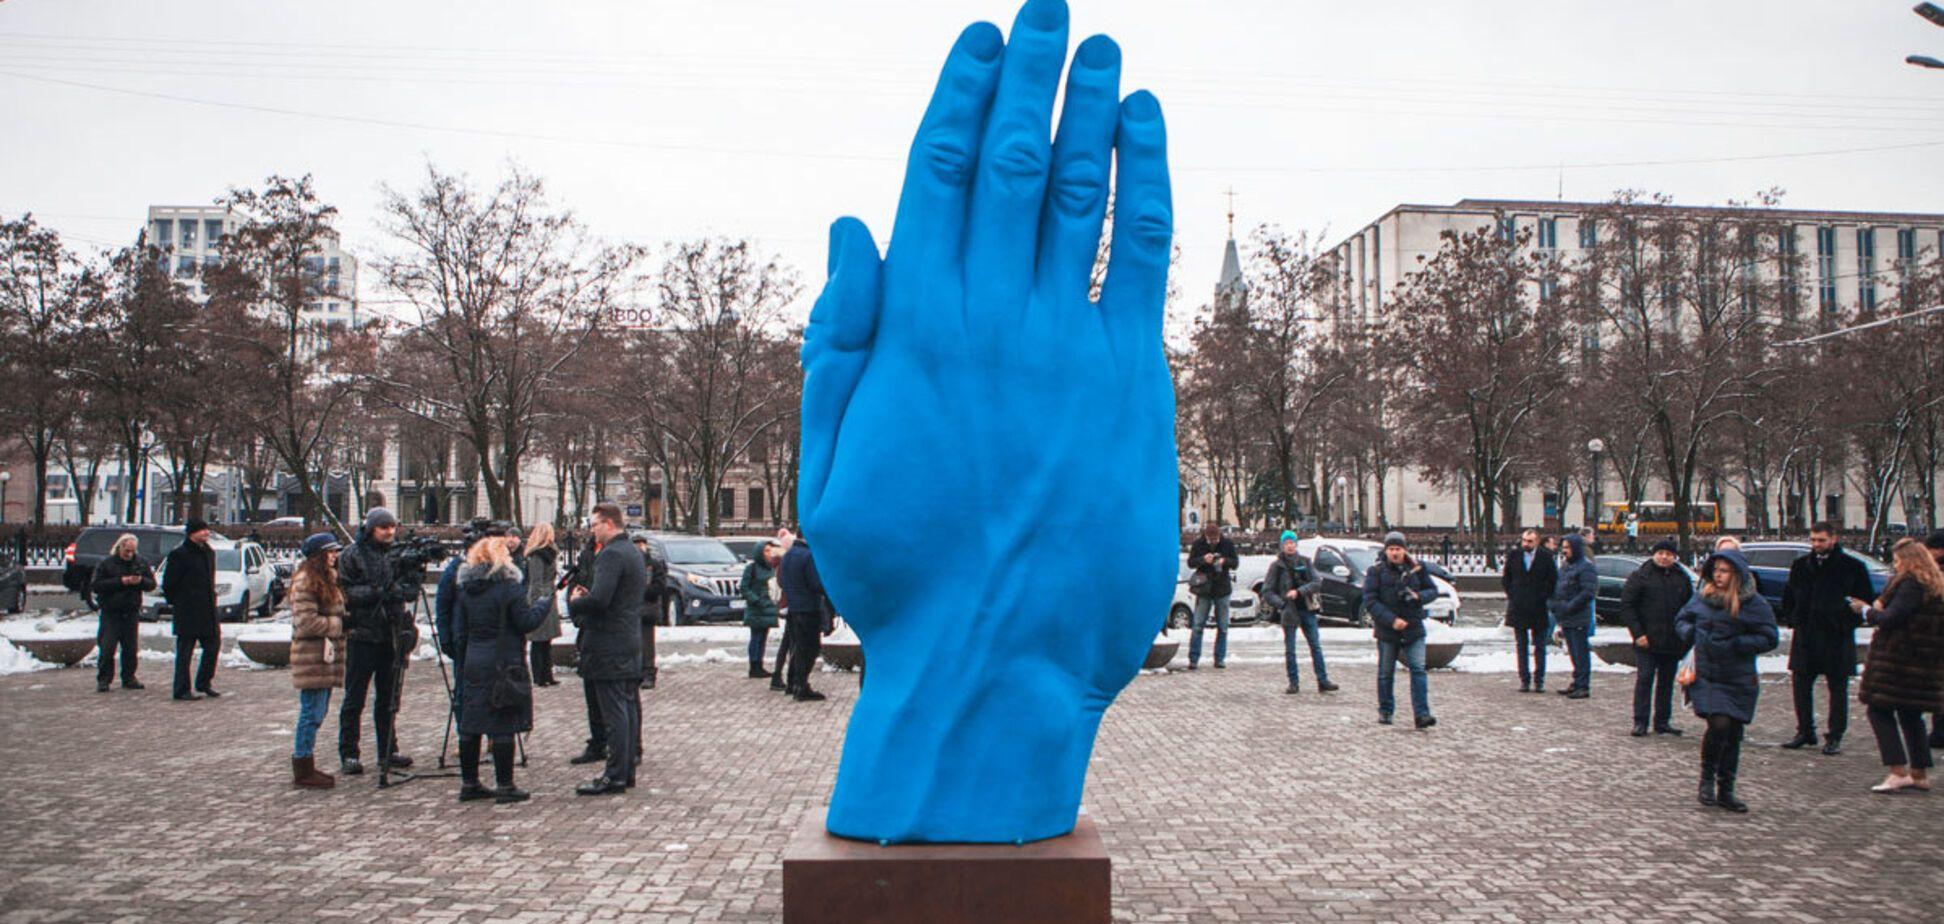 У центрі Дніпра вандали обписали 'Синю руку' румунського скульптора